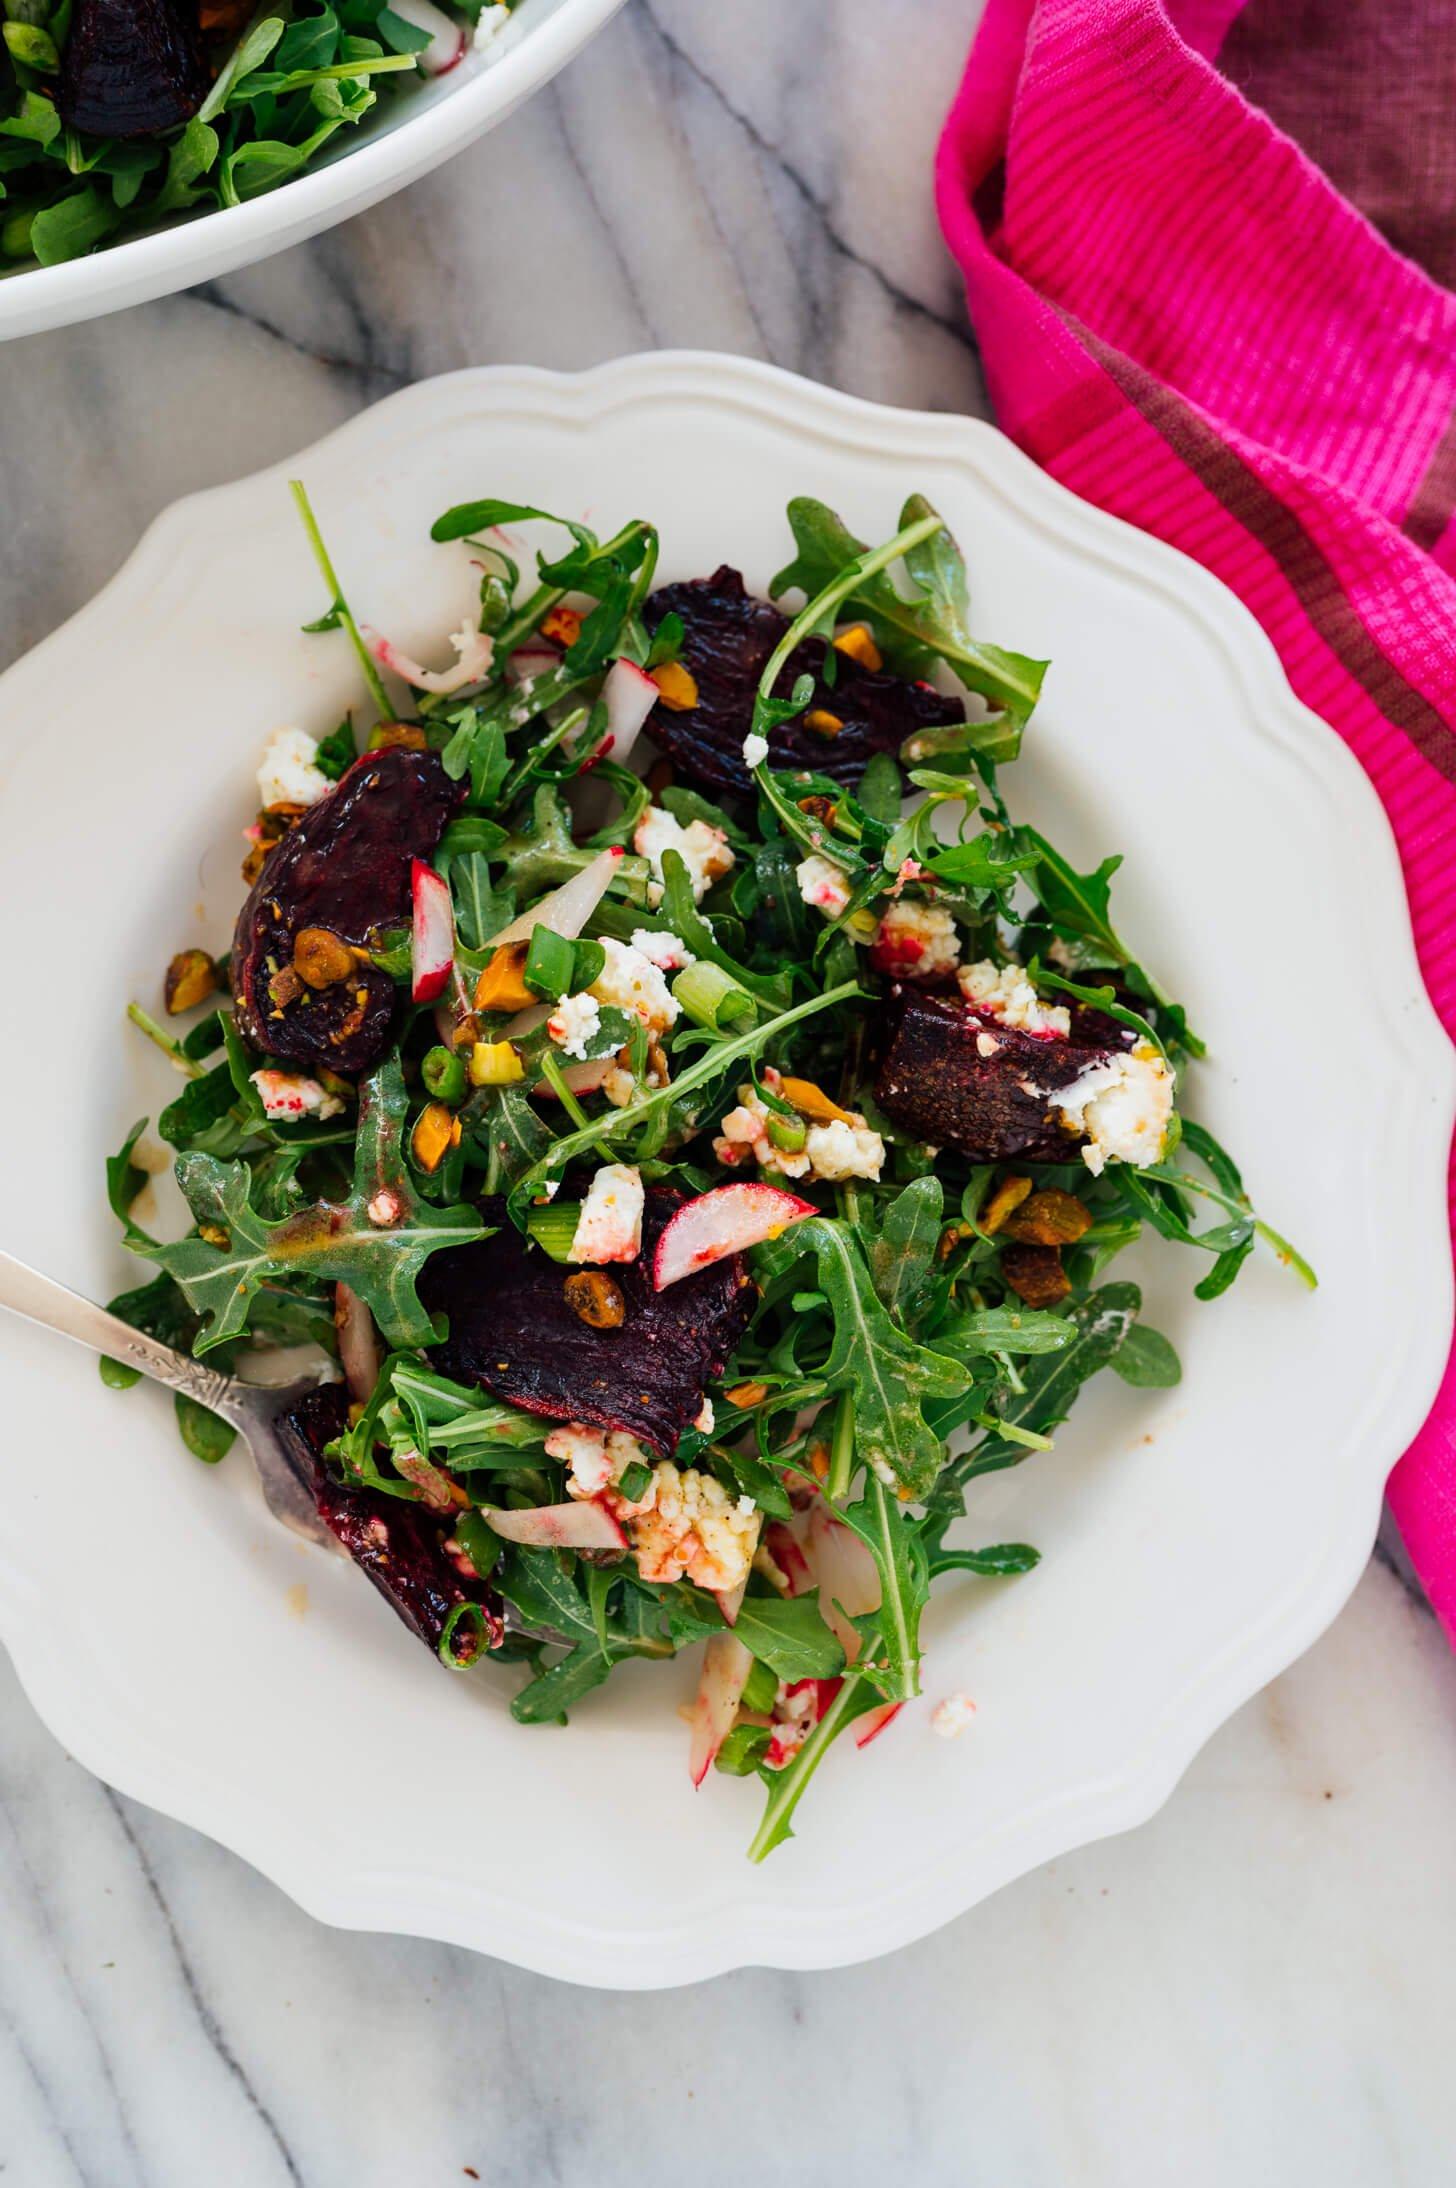 beet salad on plate